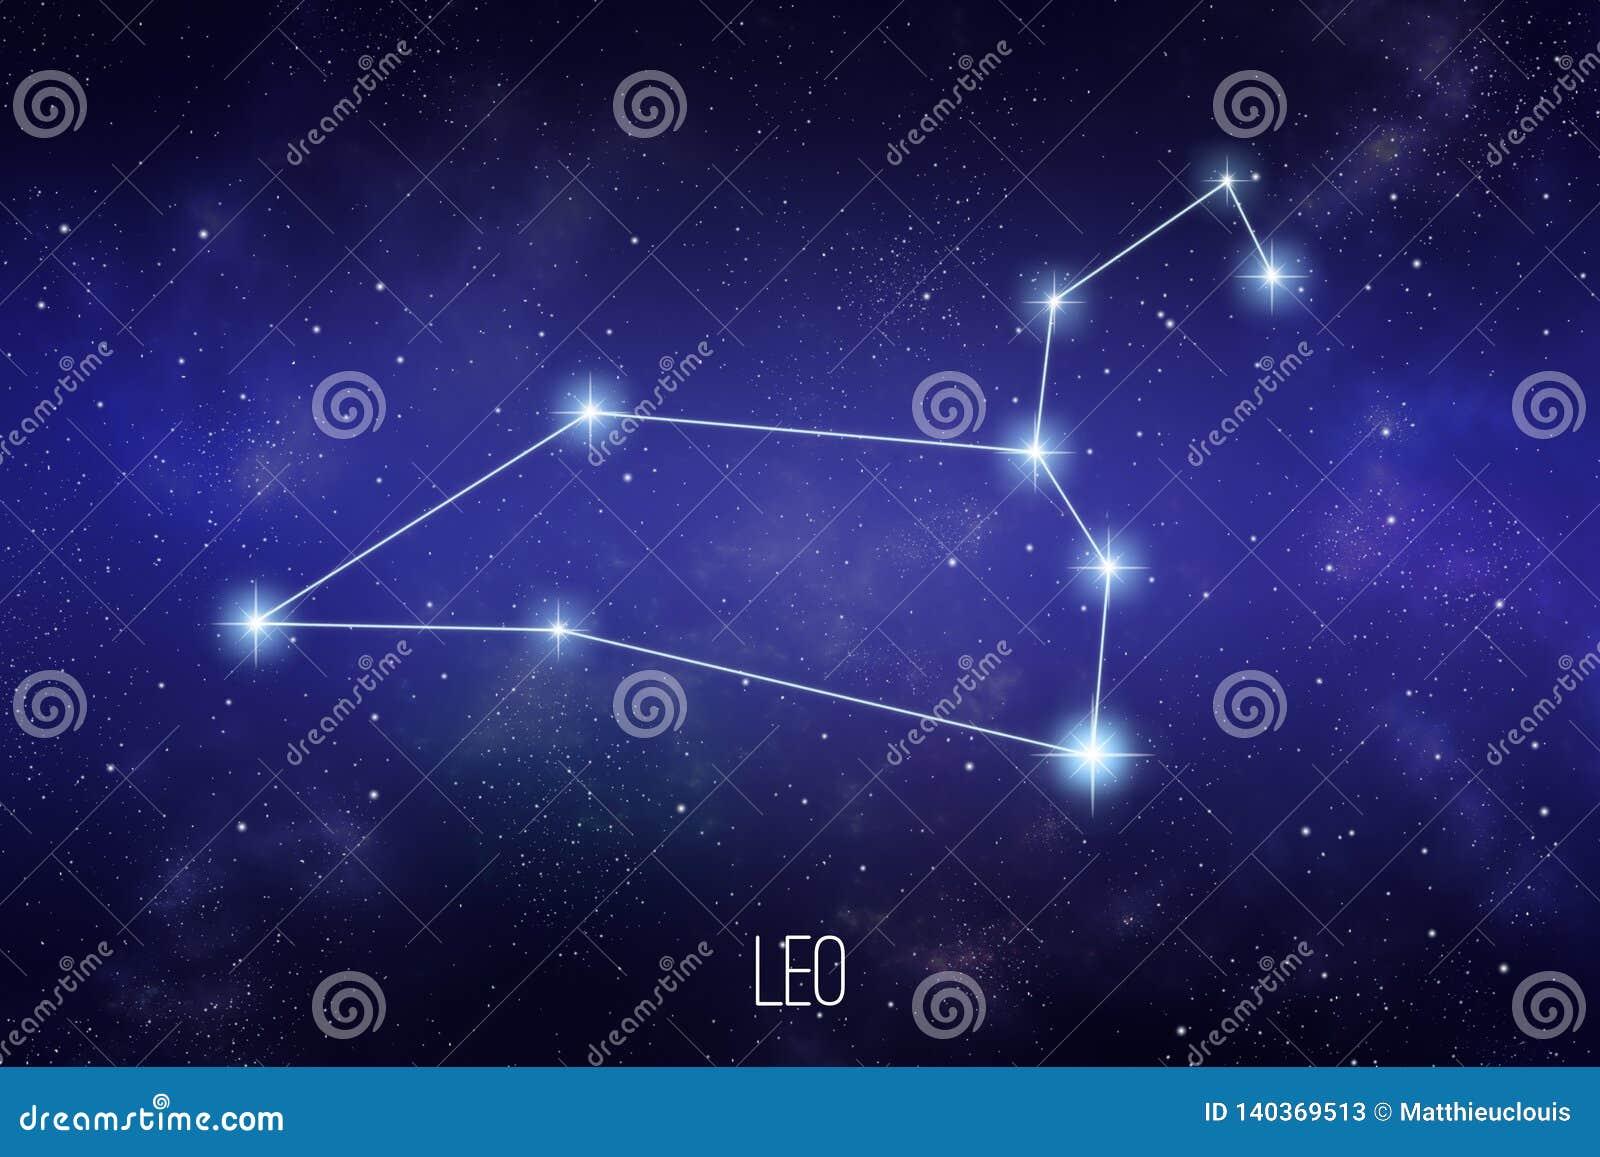 Созвездие зодиака Лео Иллюстрация астрономии или астрологии